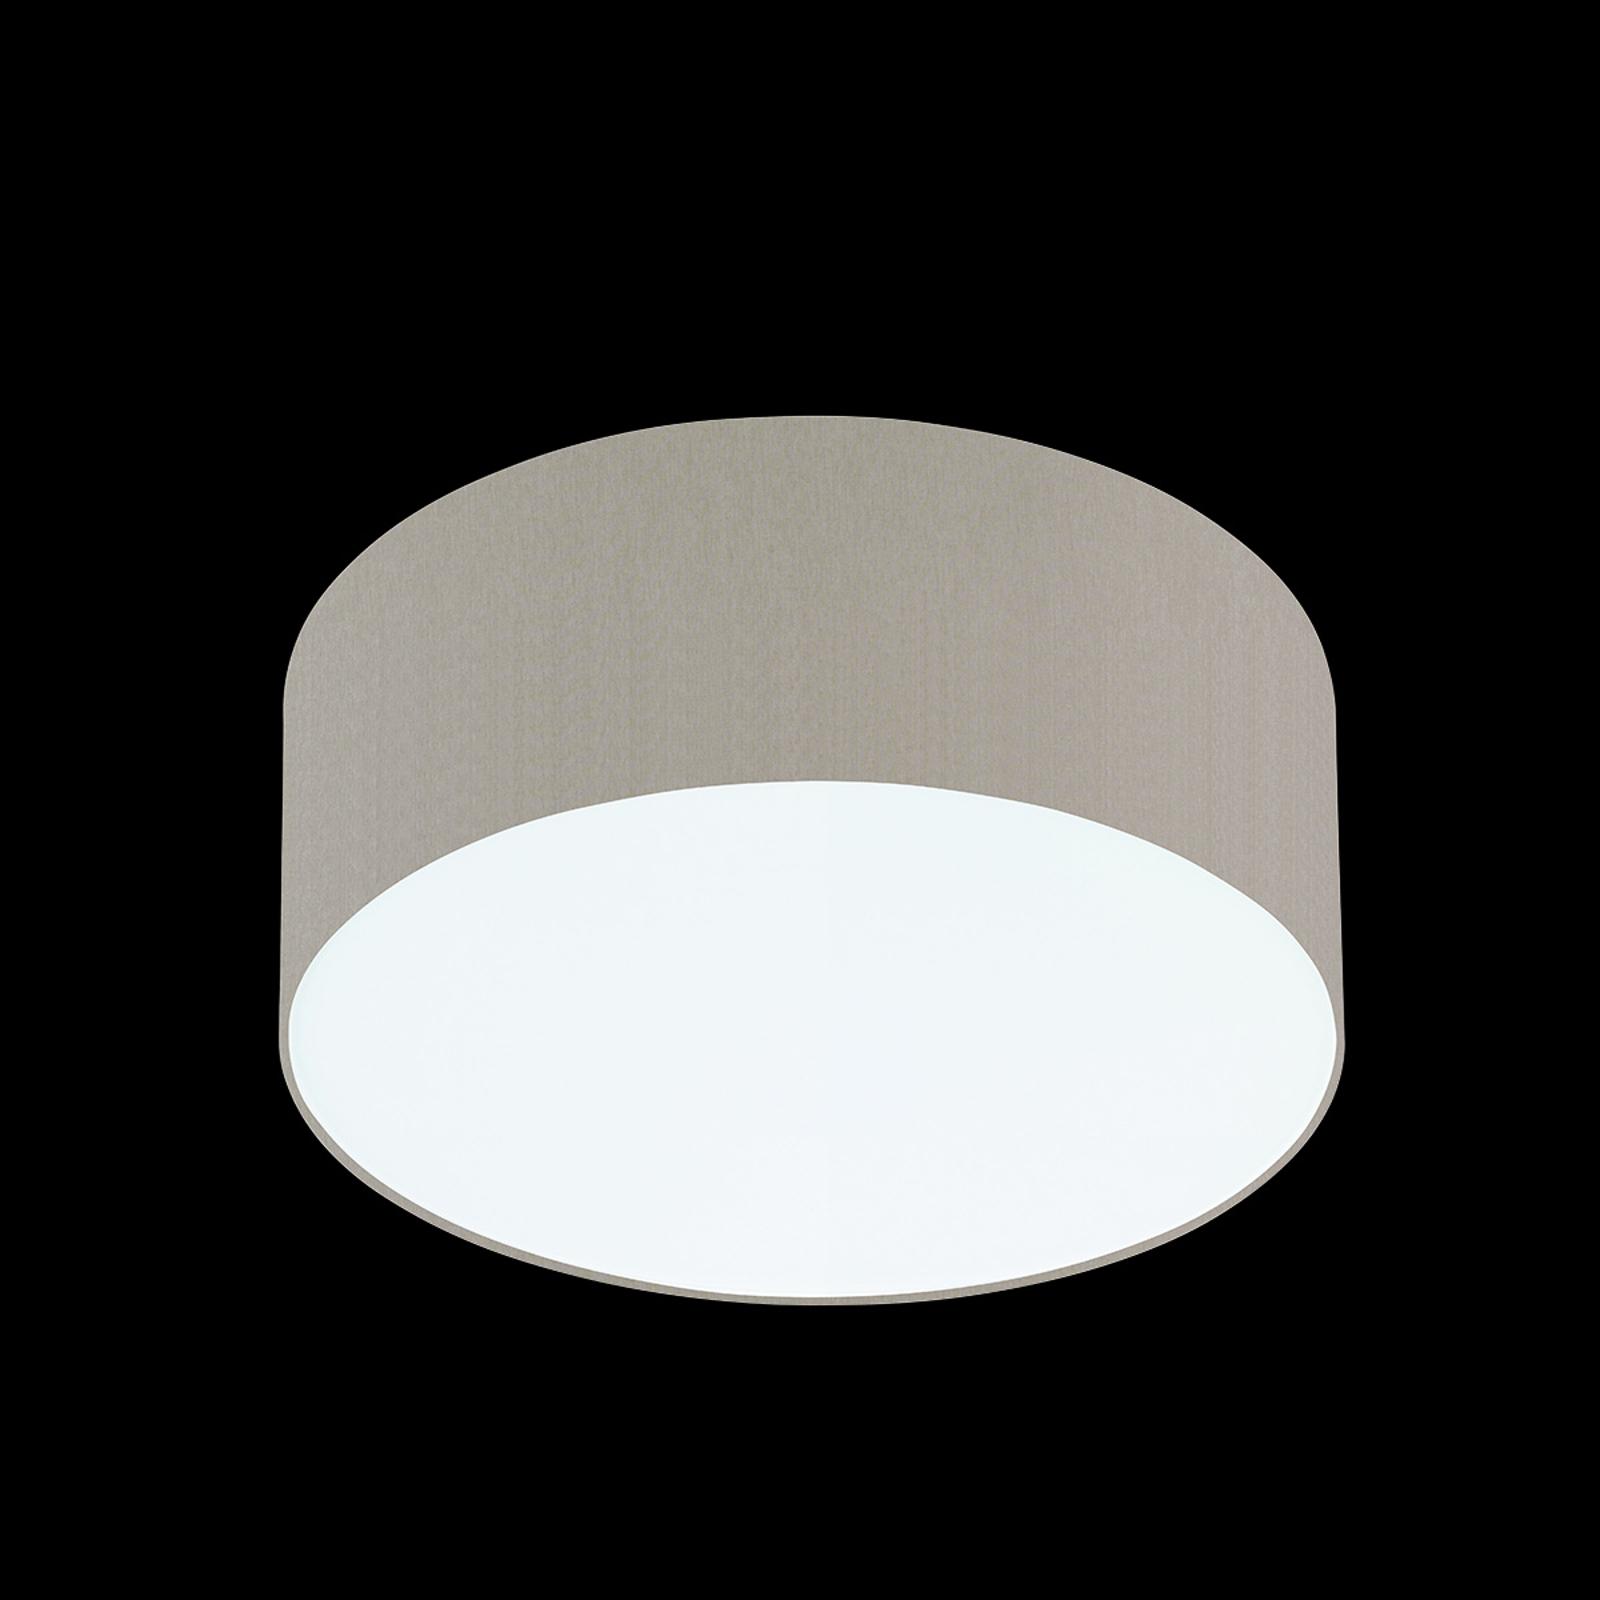 Lampa sufitowa MARA, 40 cm, brązowy melanż